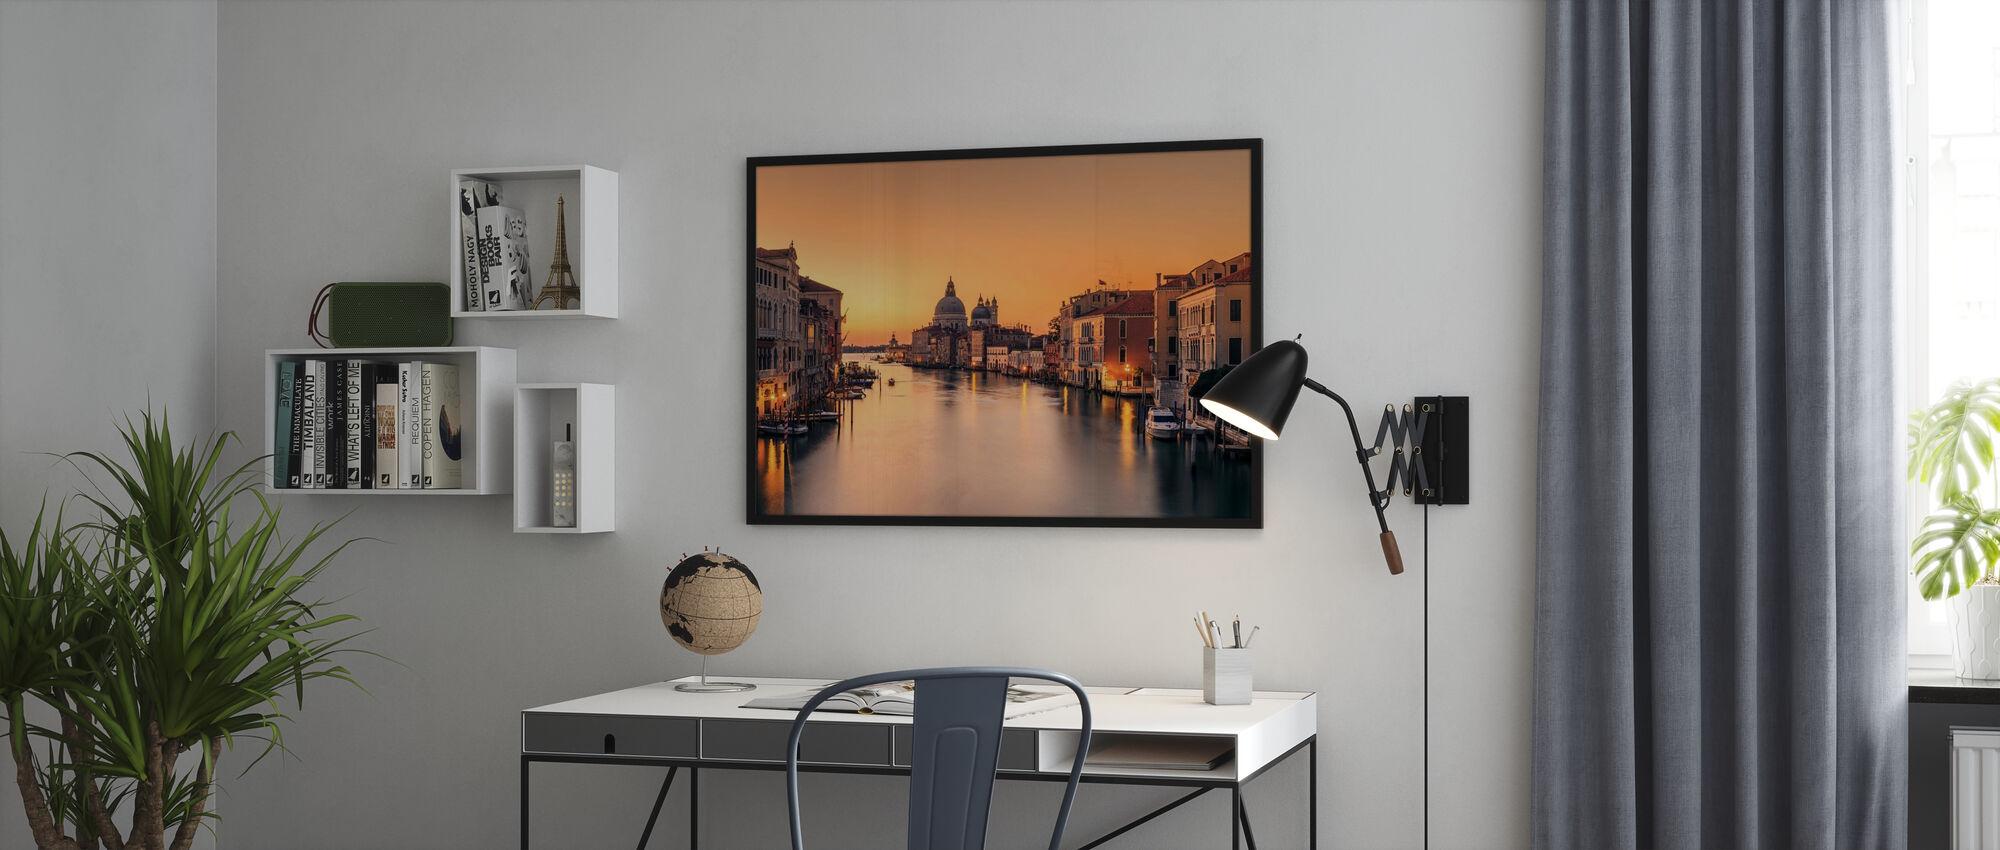 Gryning på Venedig - Poster - Kontor